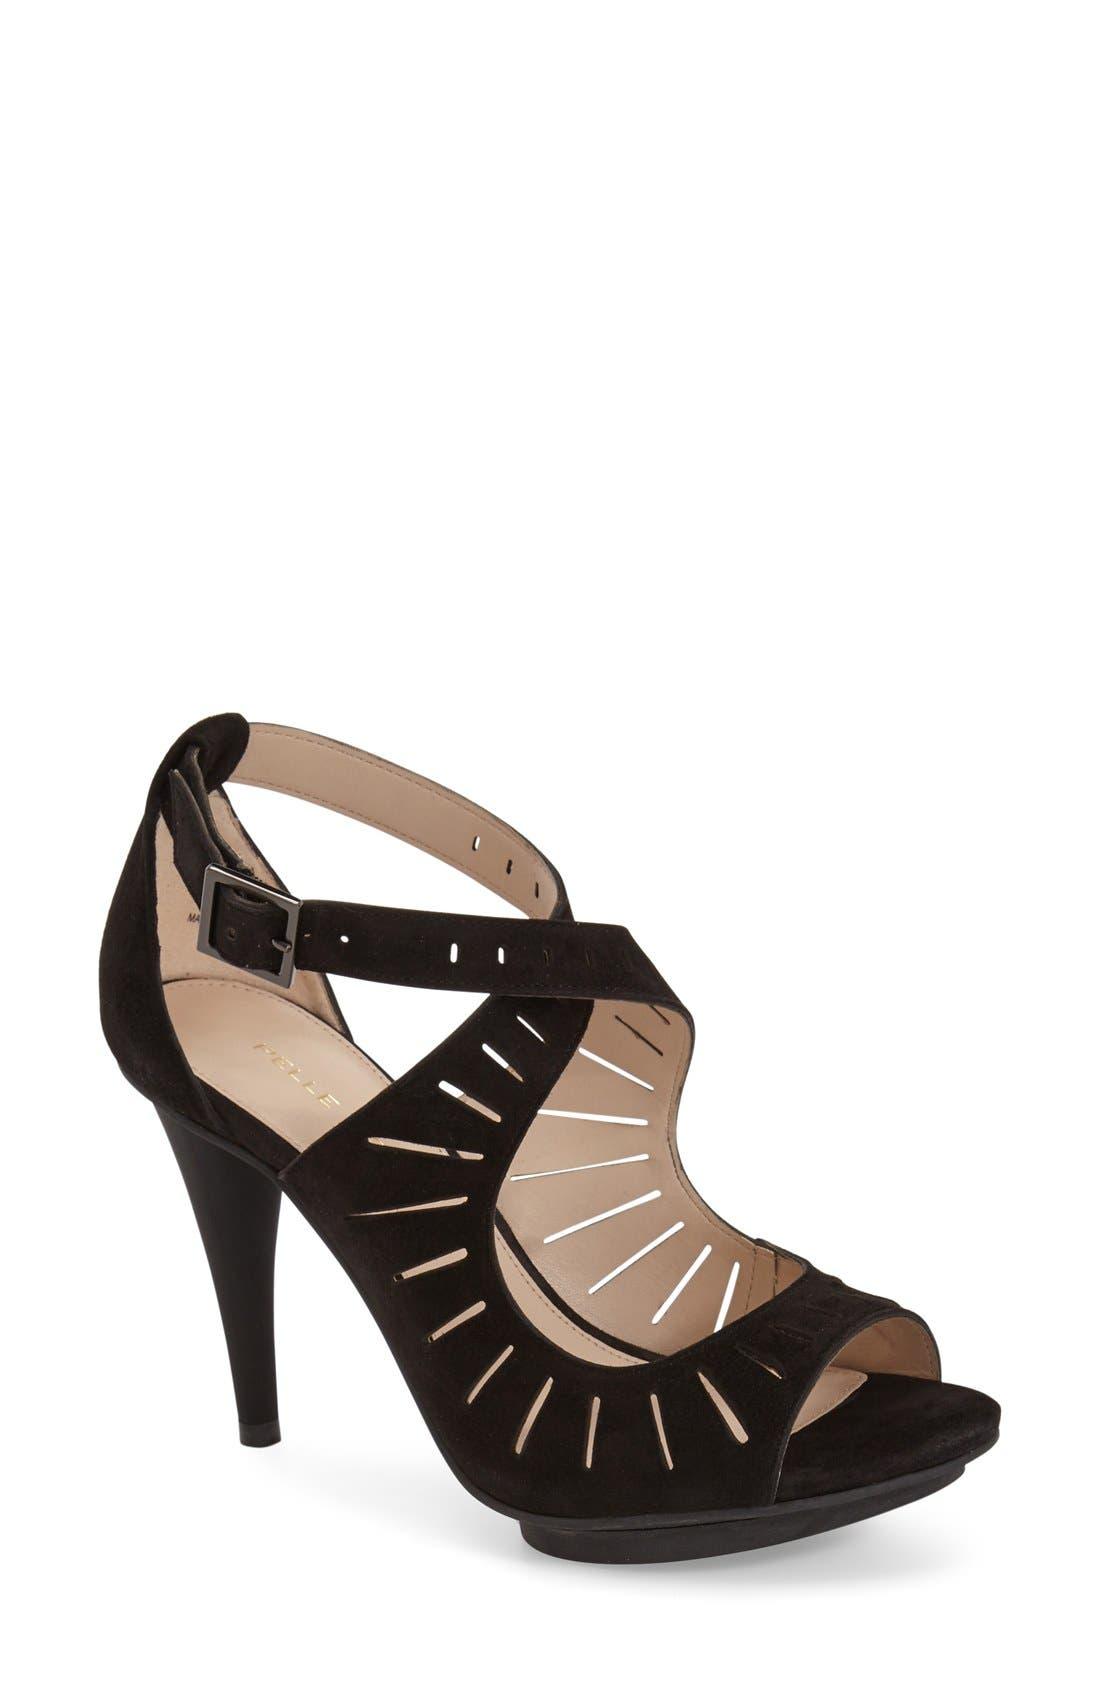 'Menlo' Cutout Sandal,                             Main thumbnail 1, color,                             Black Suede